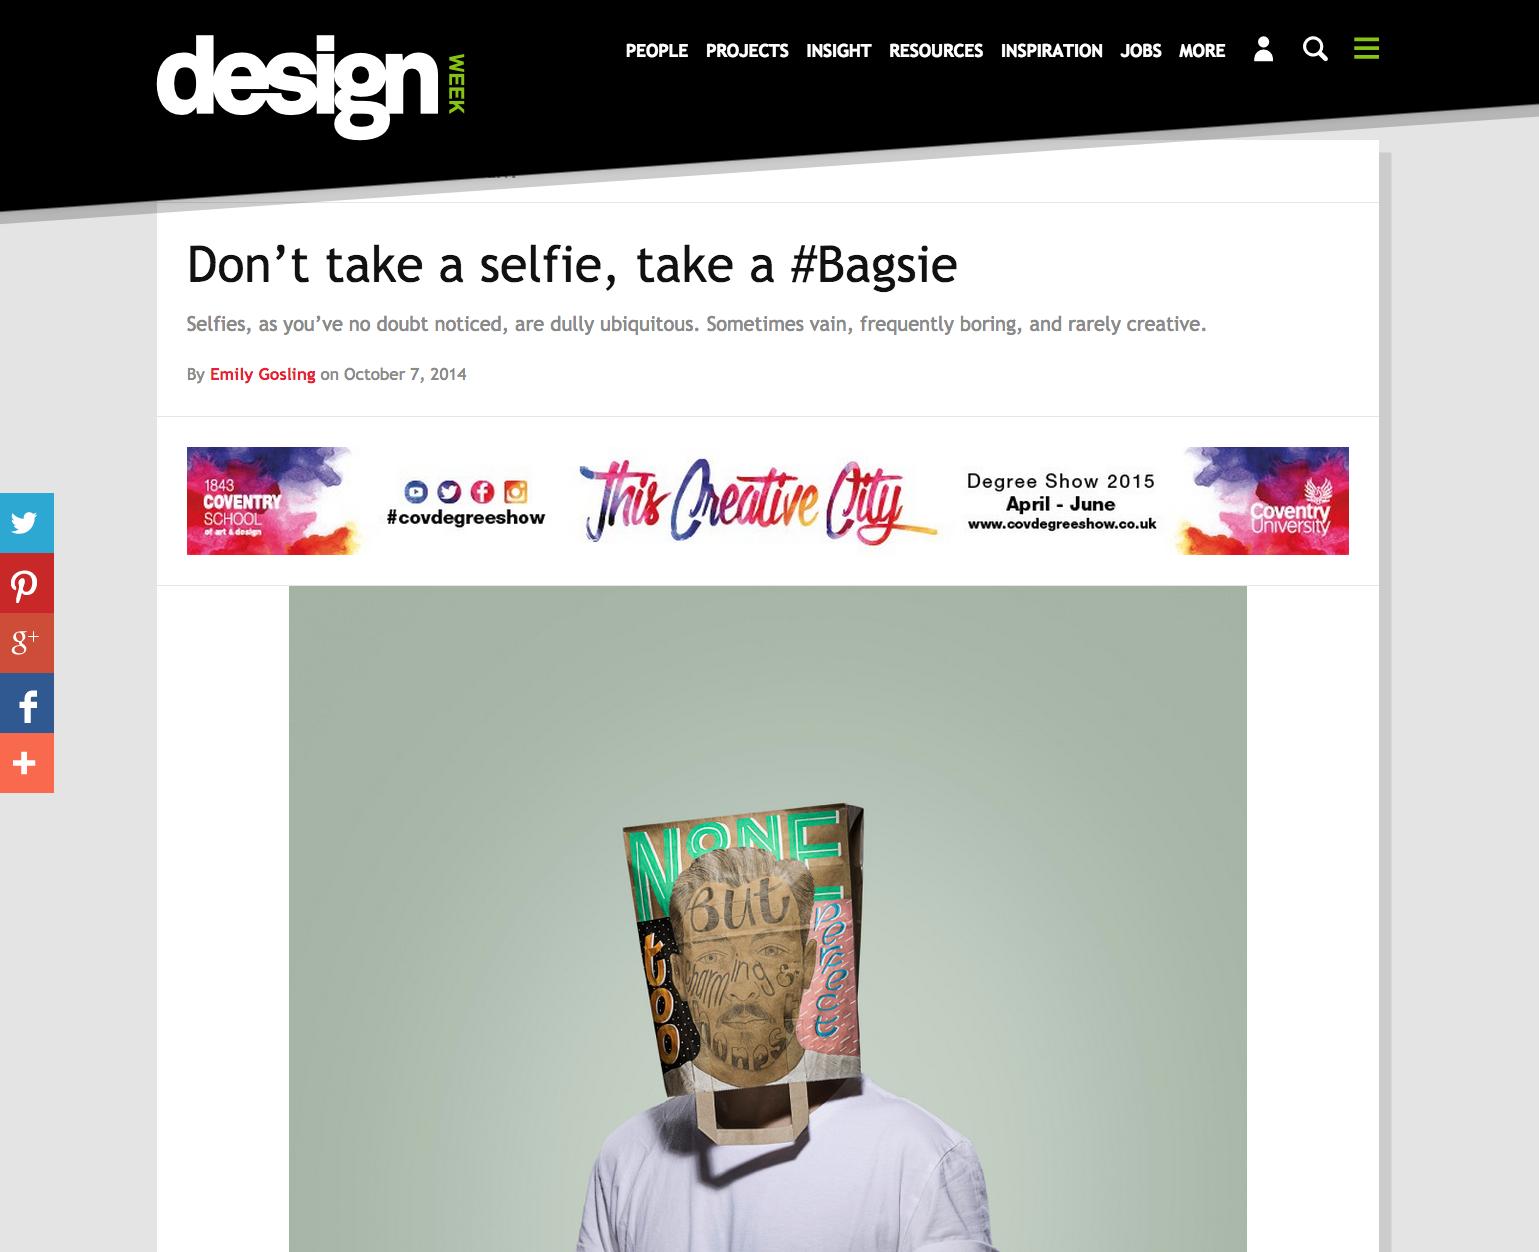 Design Week, 2014   Don't take a selfie, take a #Bagsie